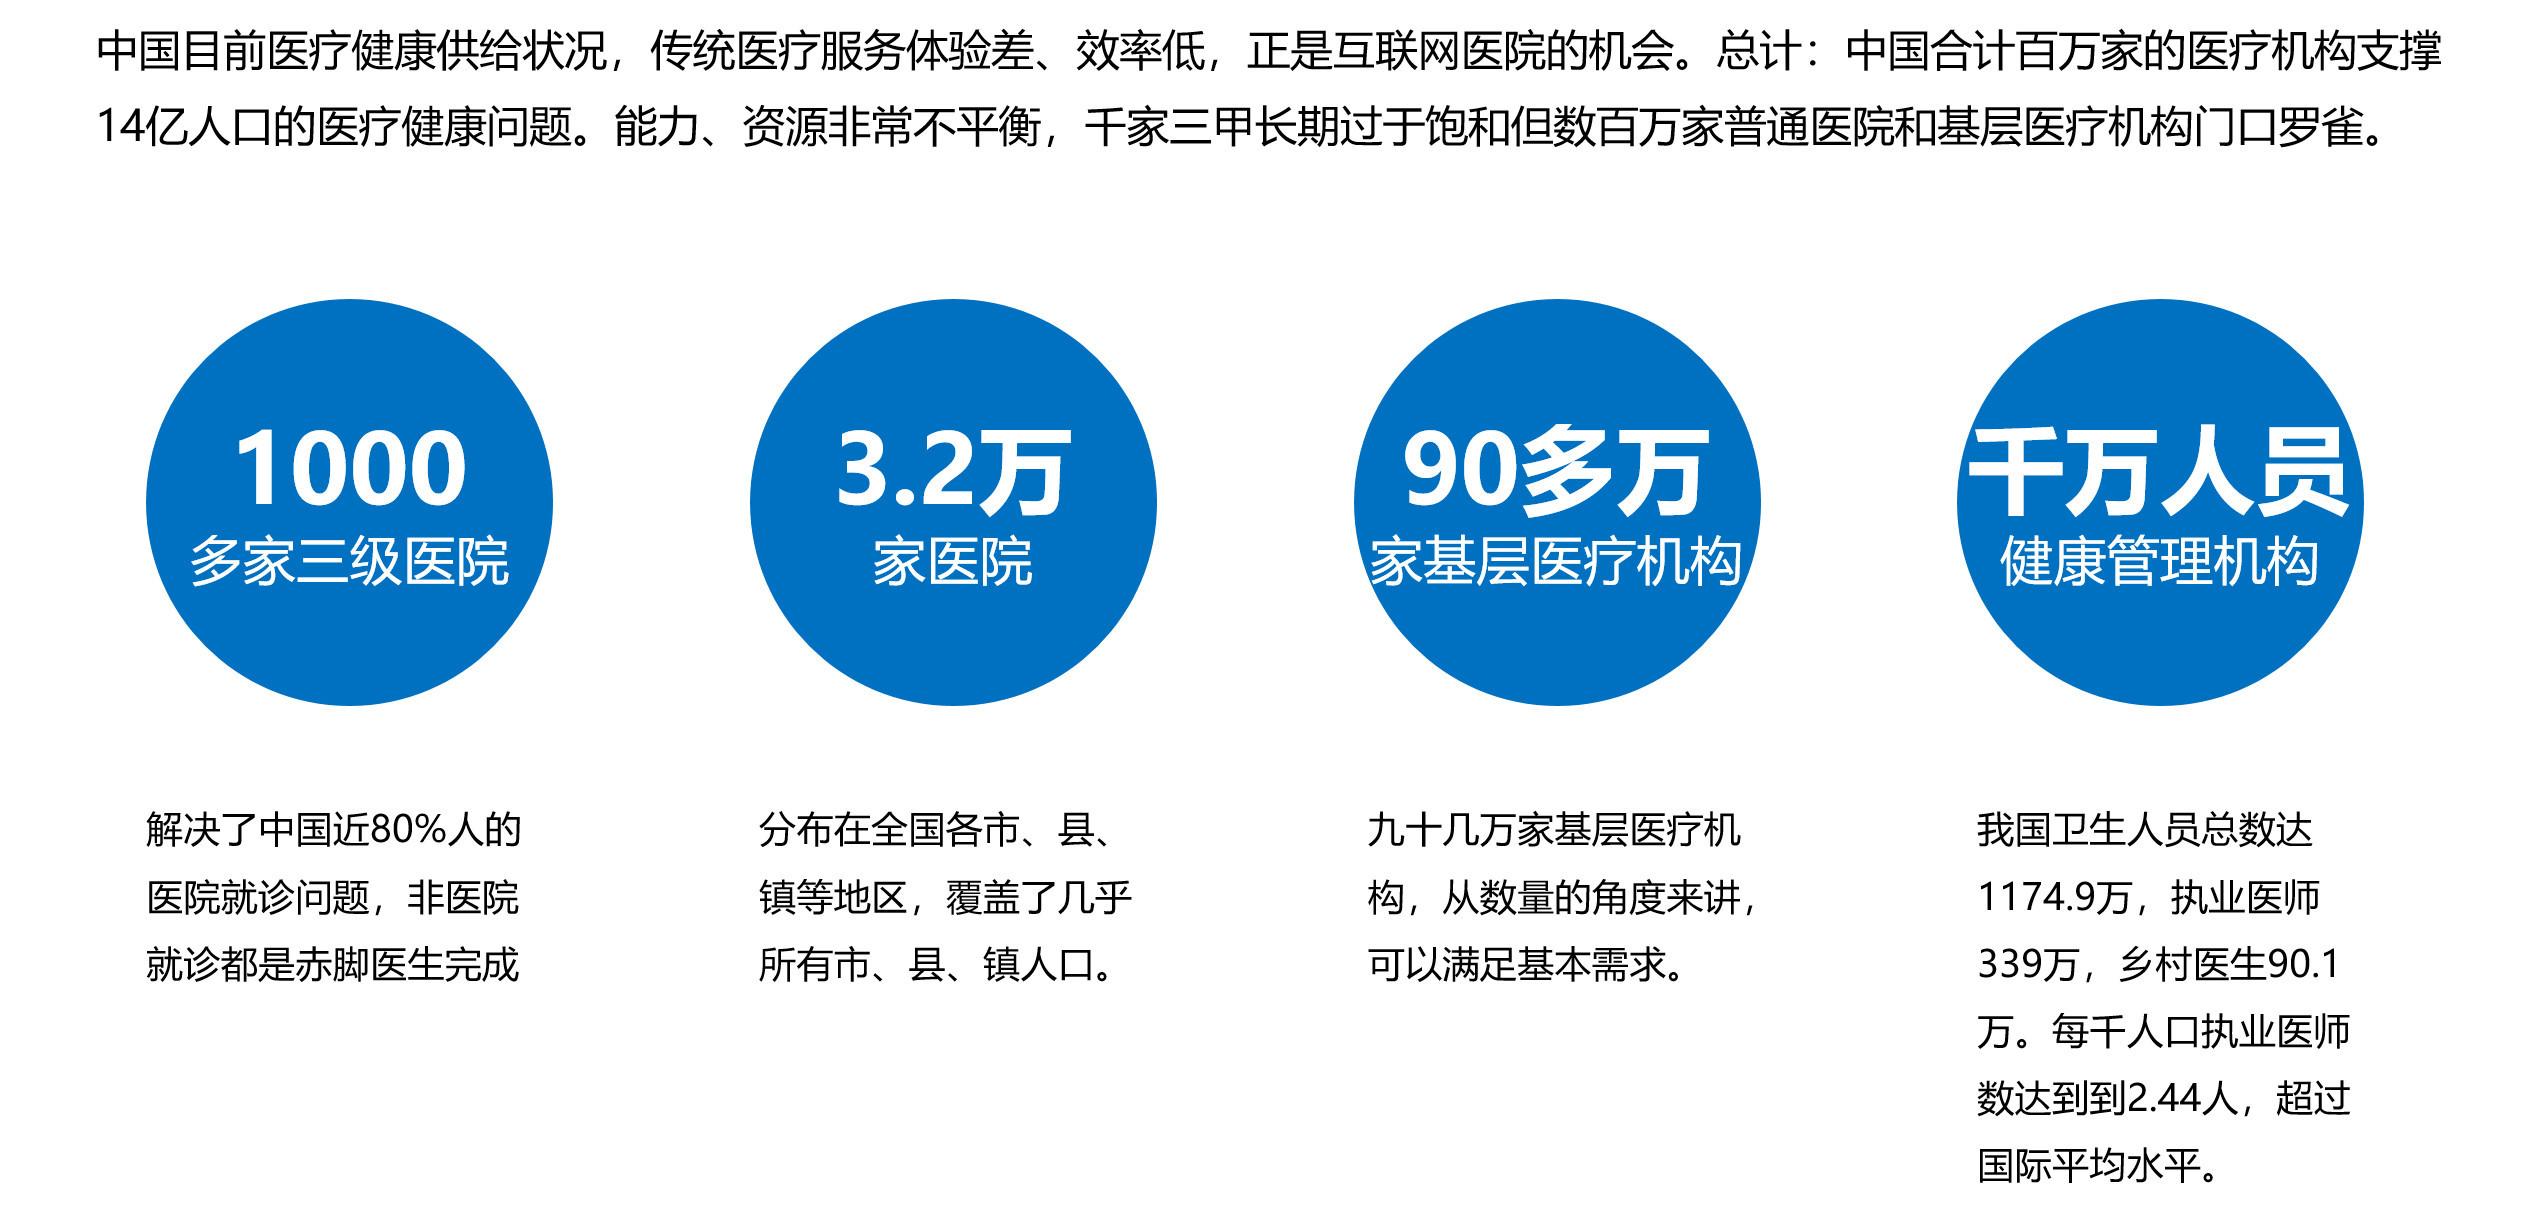 图03:我国基础医疗供给现状 来源:李有龙《保险业生态战略系列培训课程》